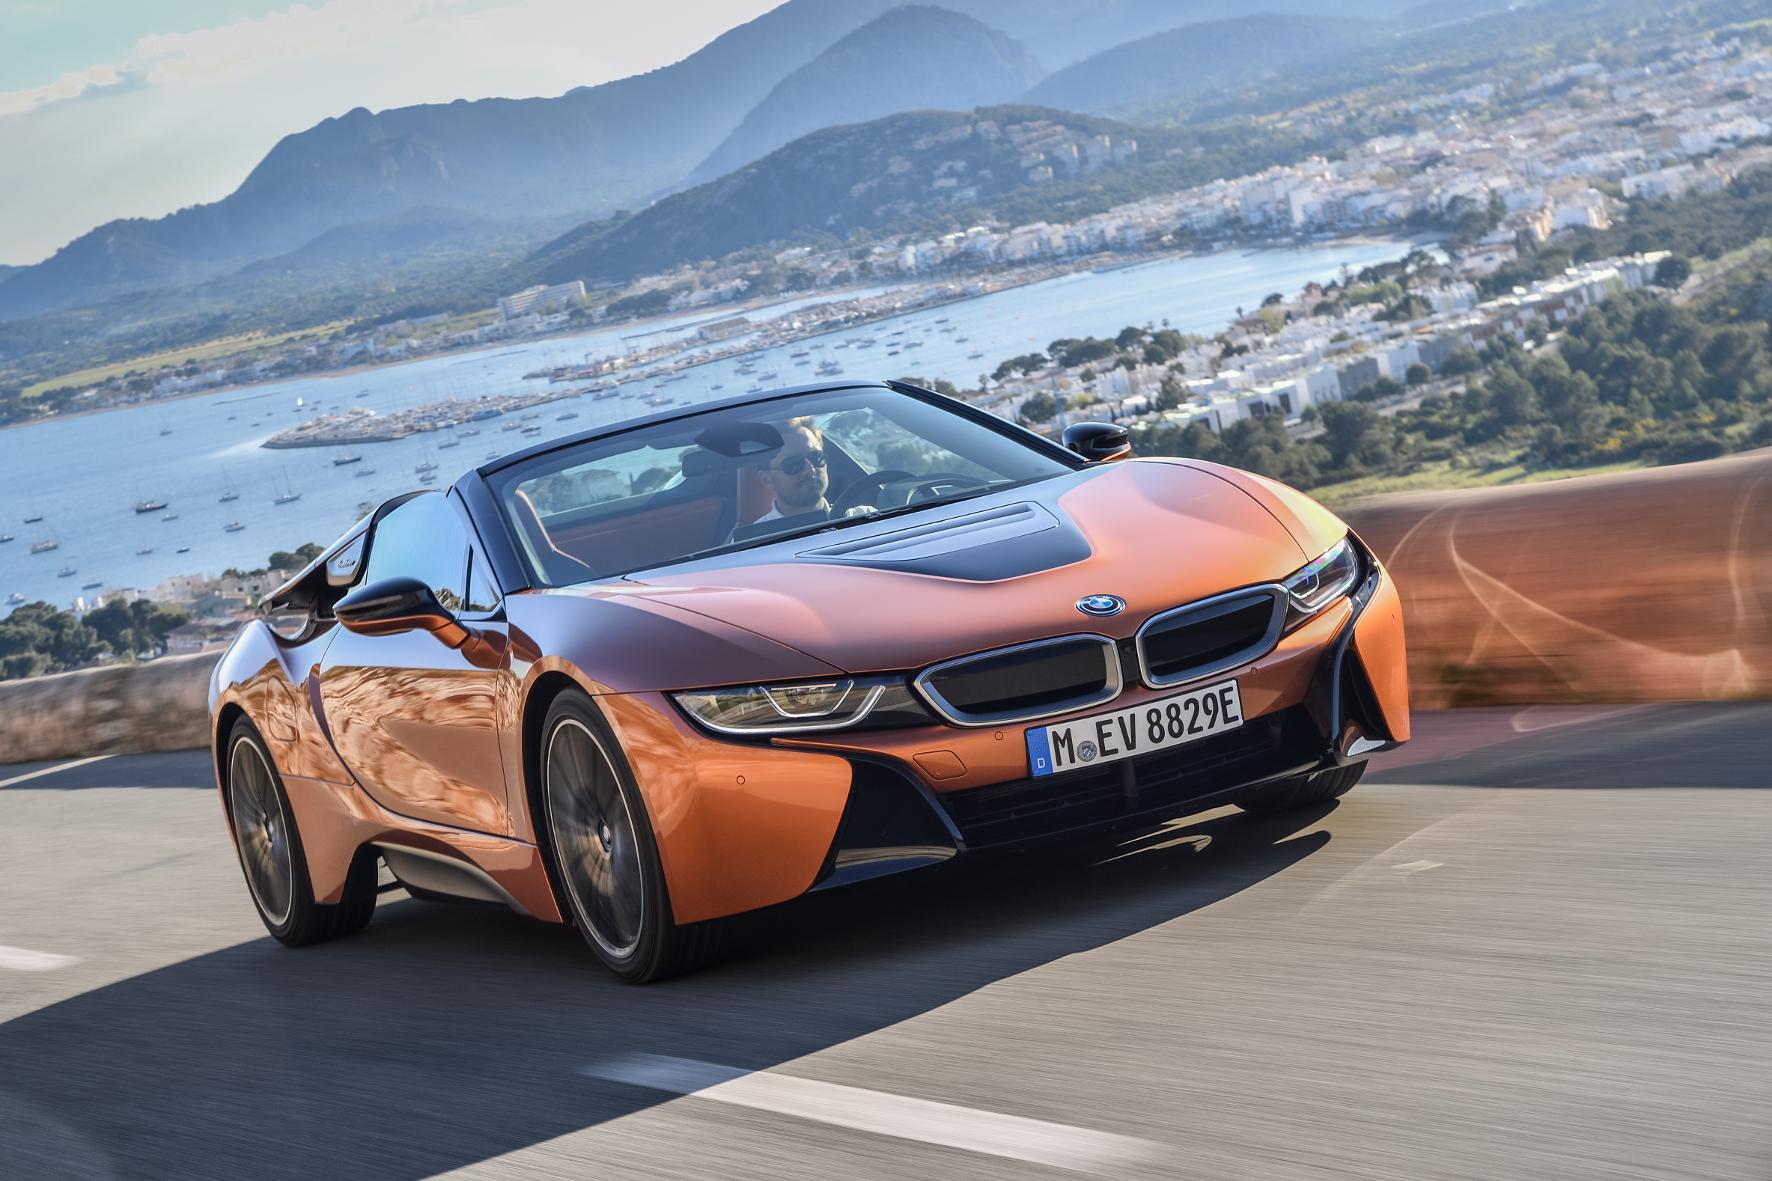 Mindestens 155.000 Euro werden für den BMW i8 Roadster fällig.